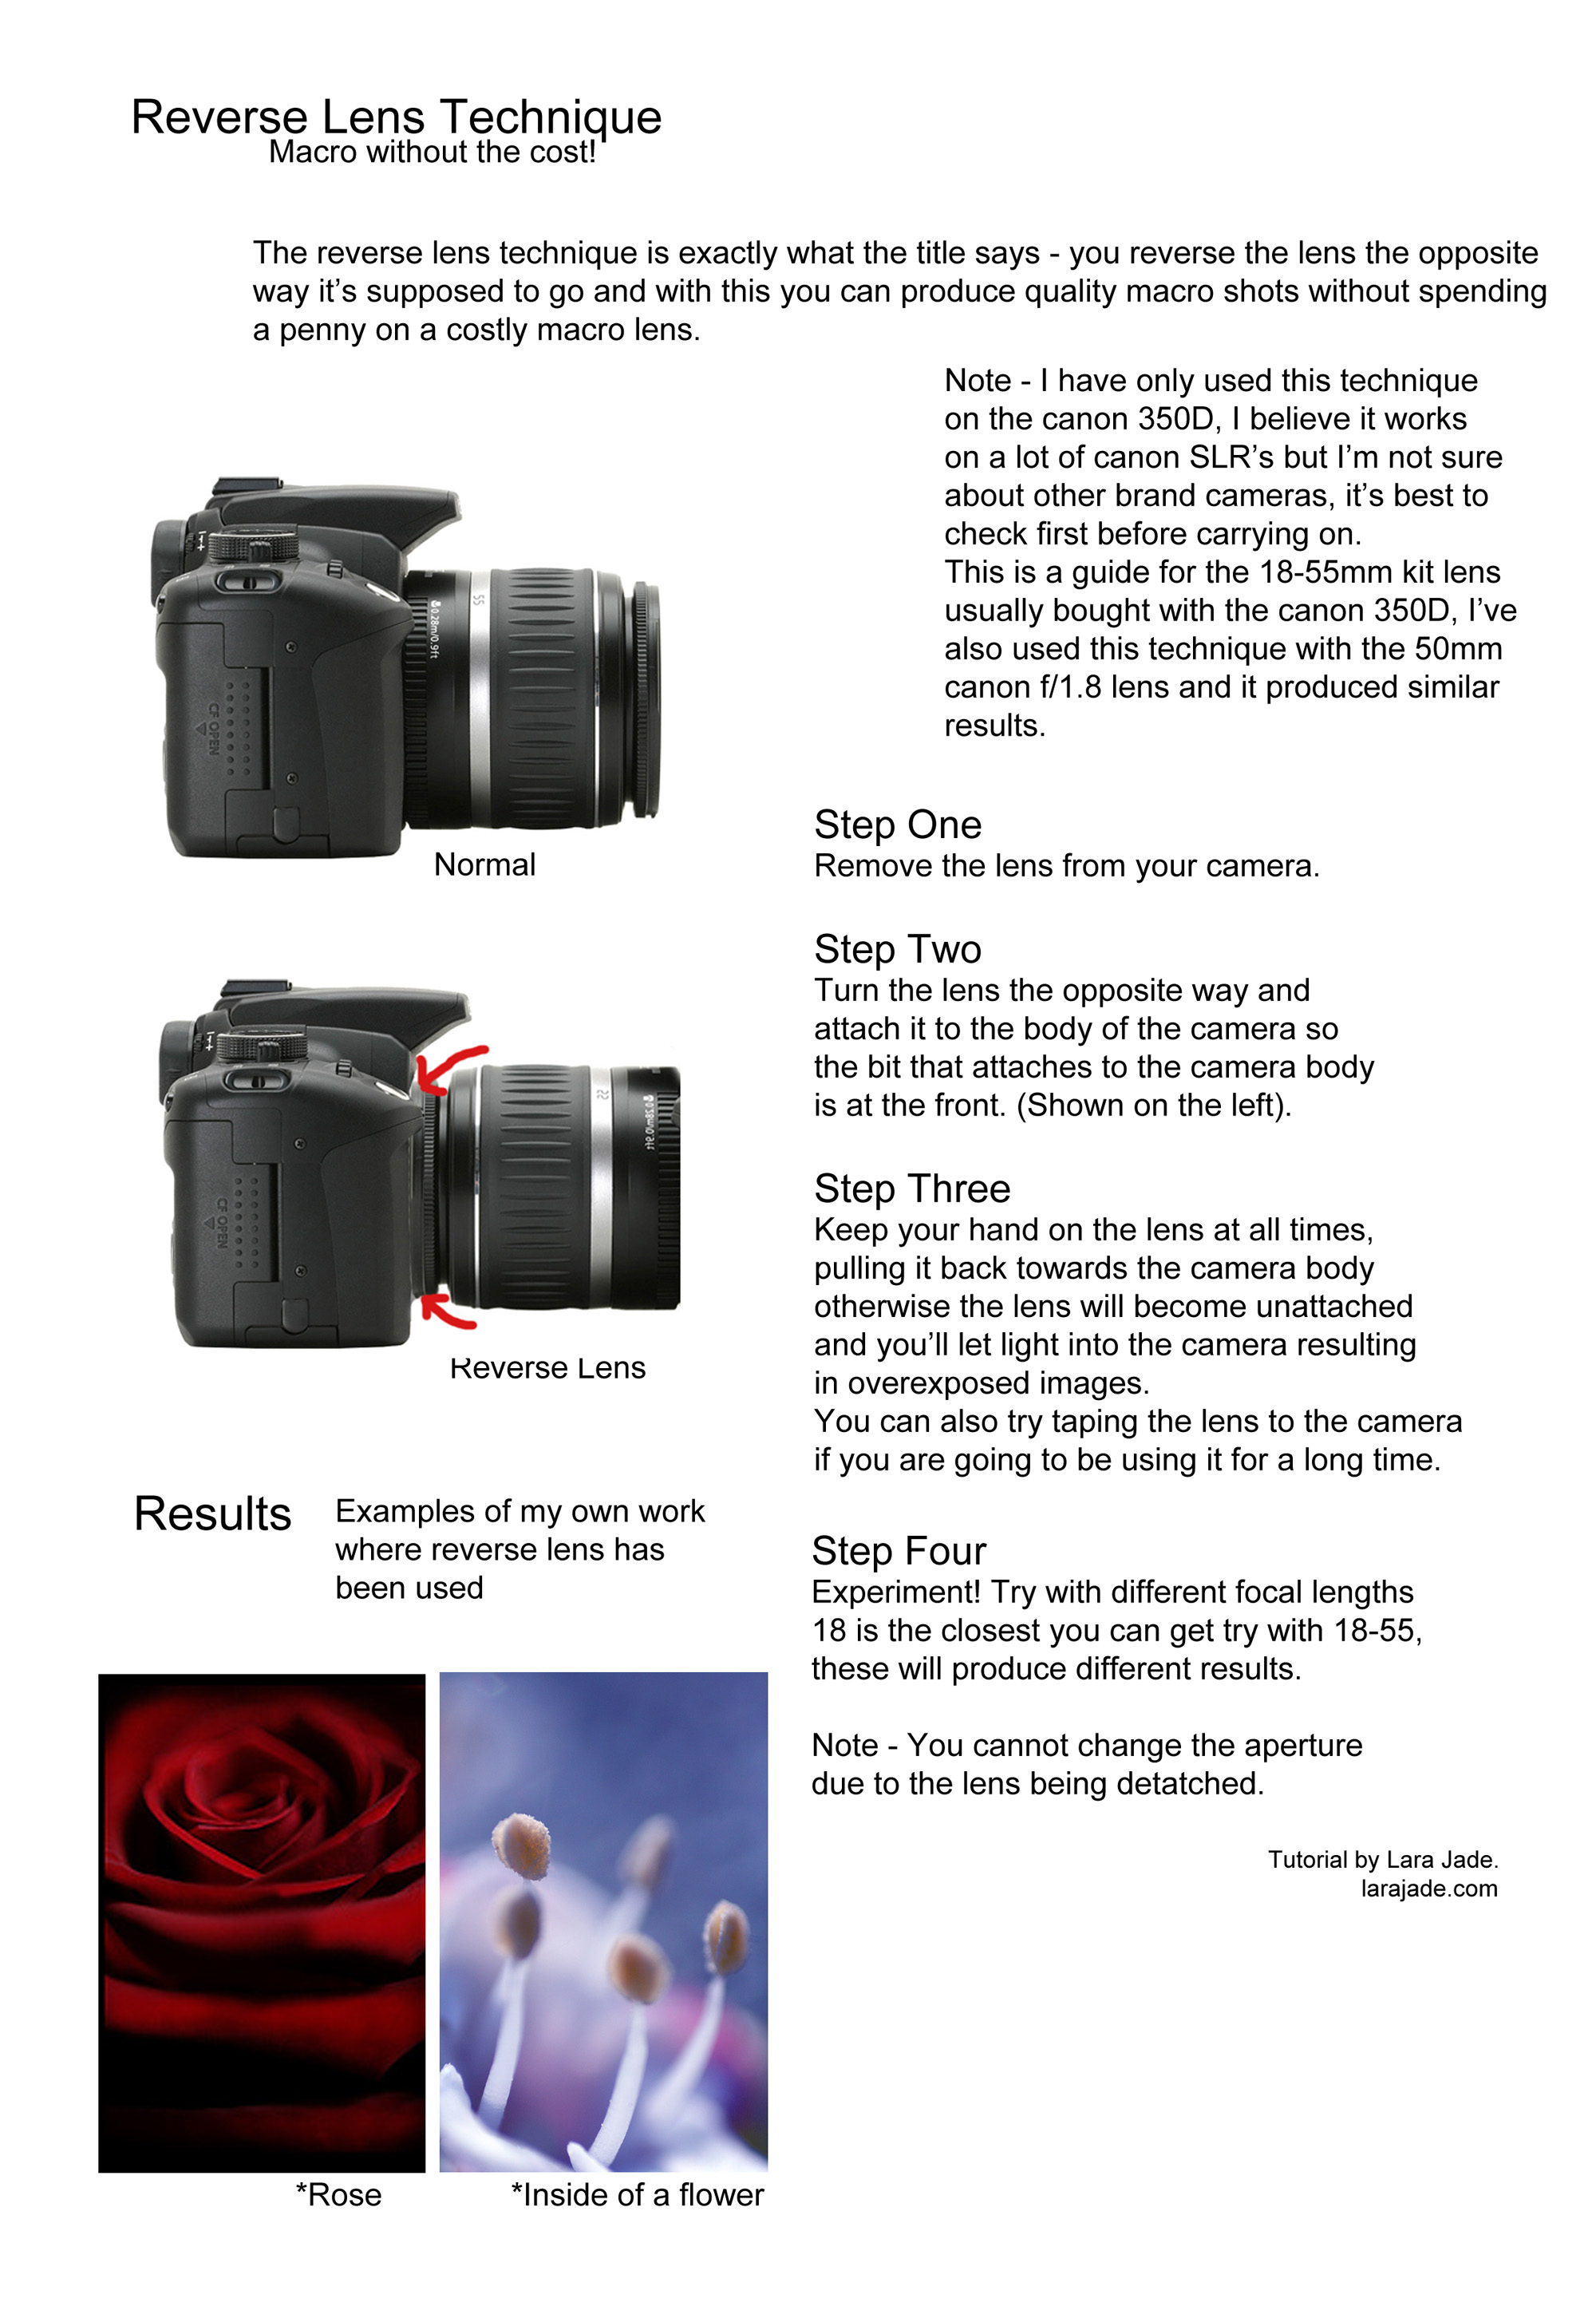 Reverse Lens Tutorial by larafairie-stock